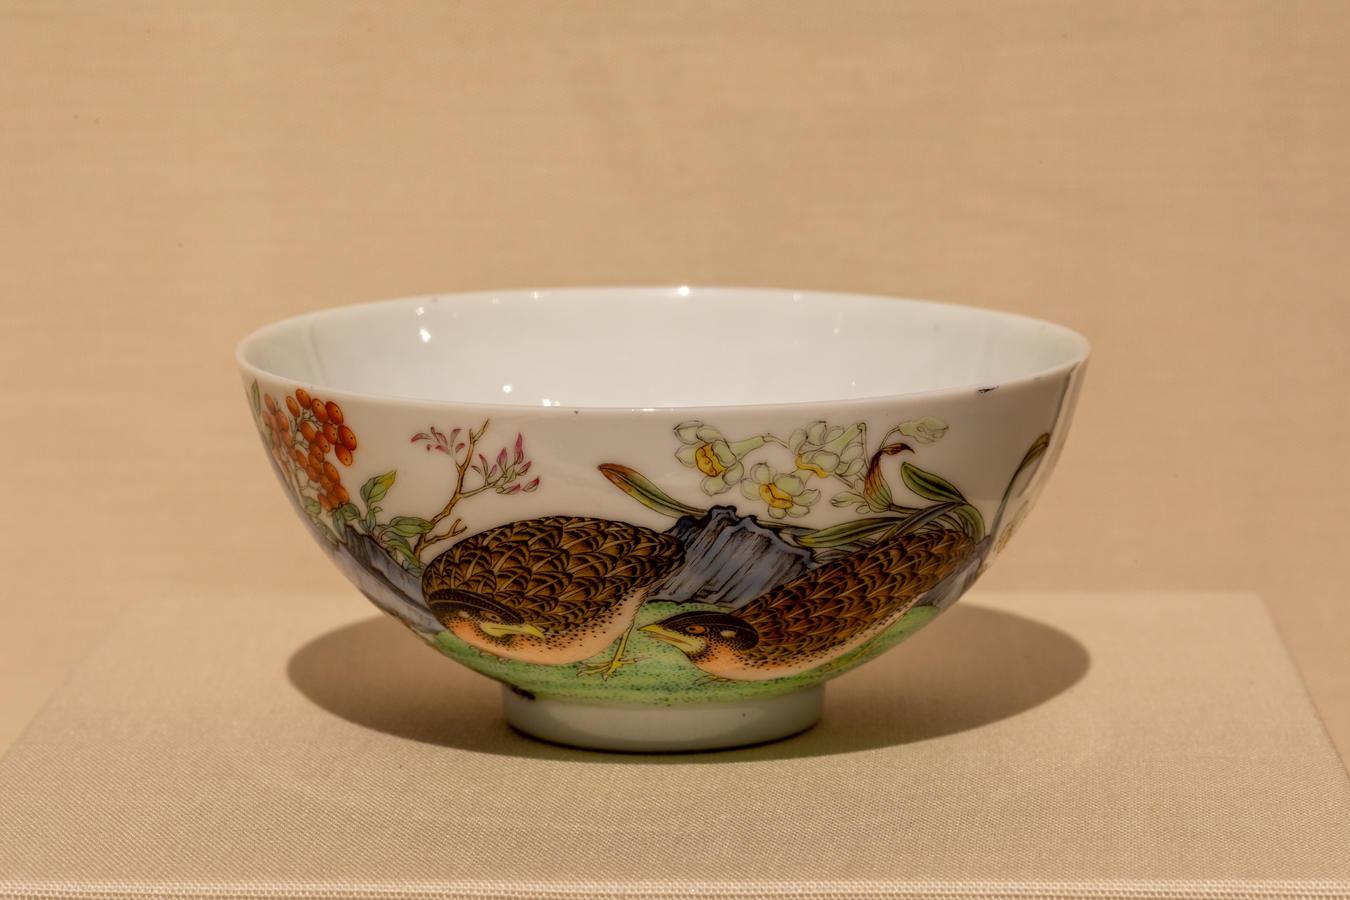 Bowl, China, Jiangxi Province